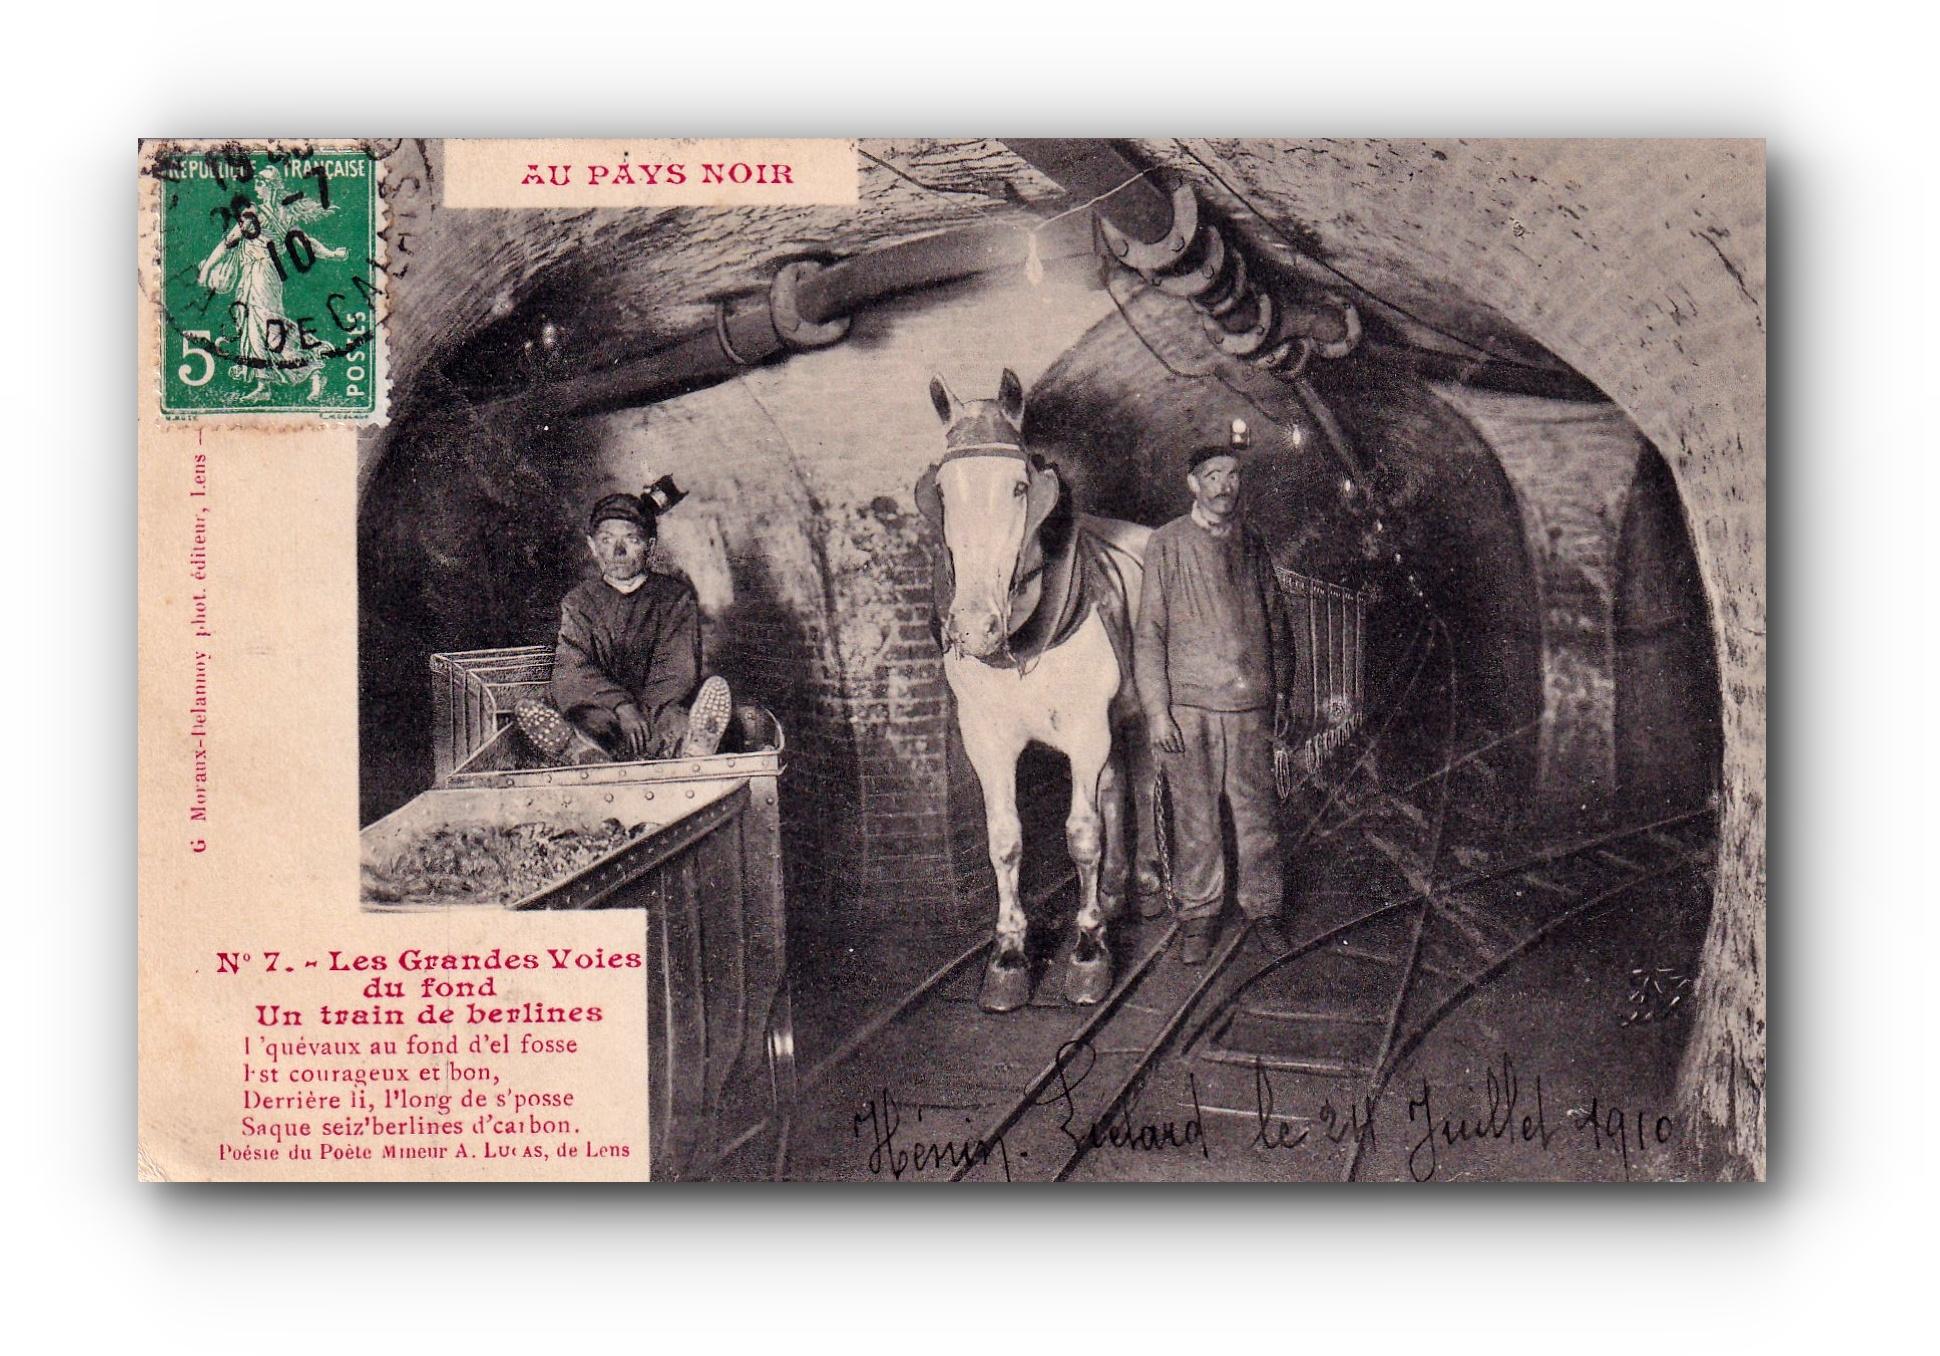 Au pays noir - 24.07.1910 - Im schwarzen Land - In the dark country